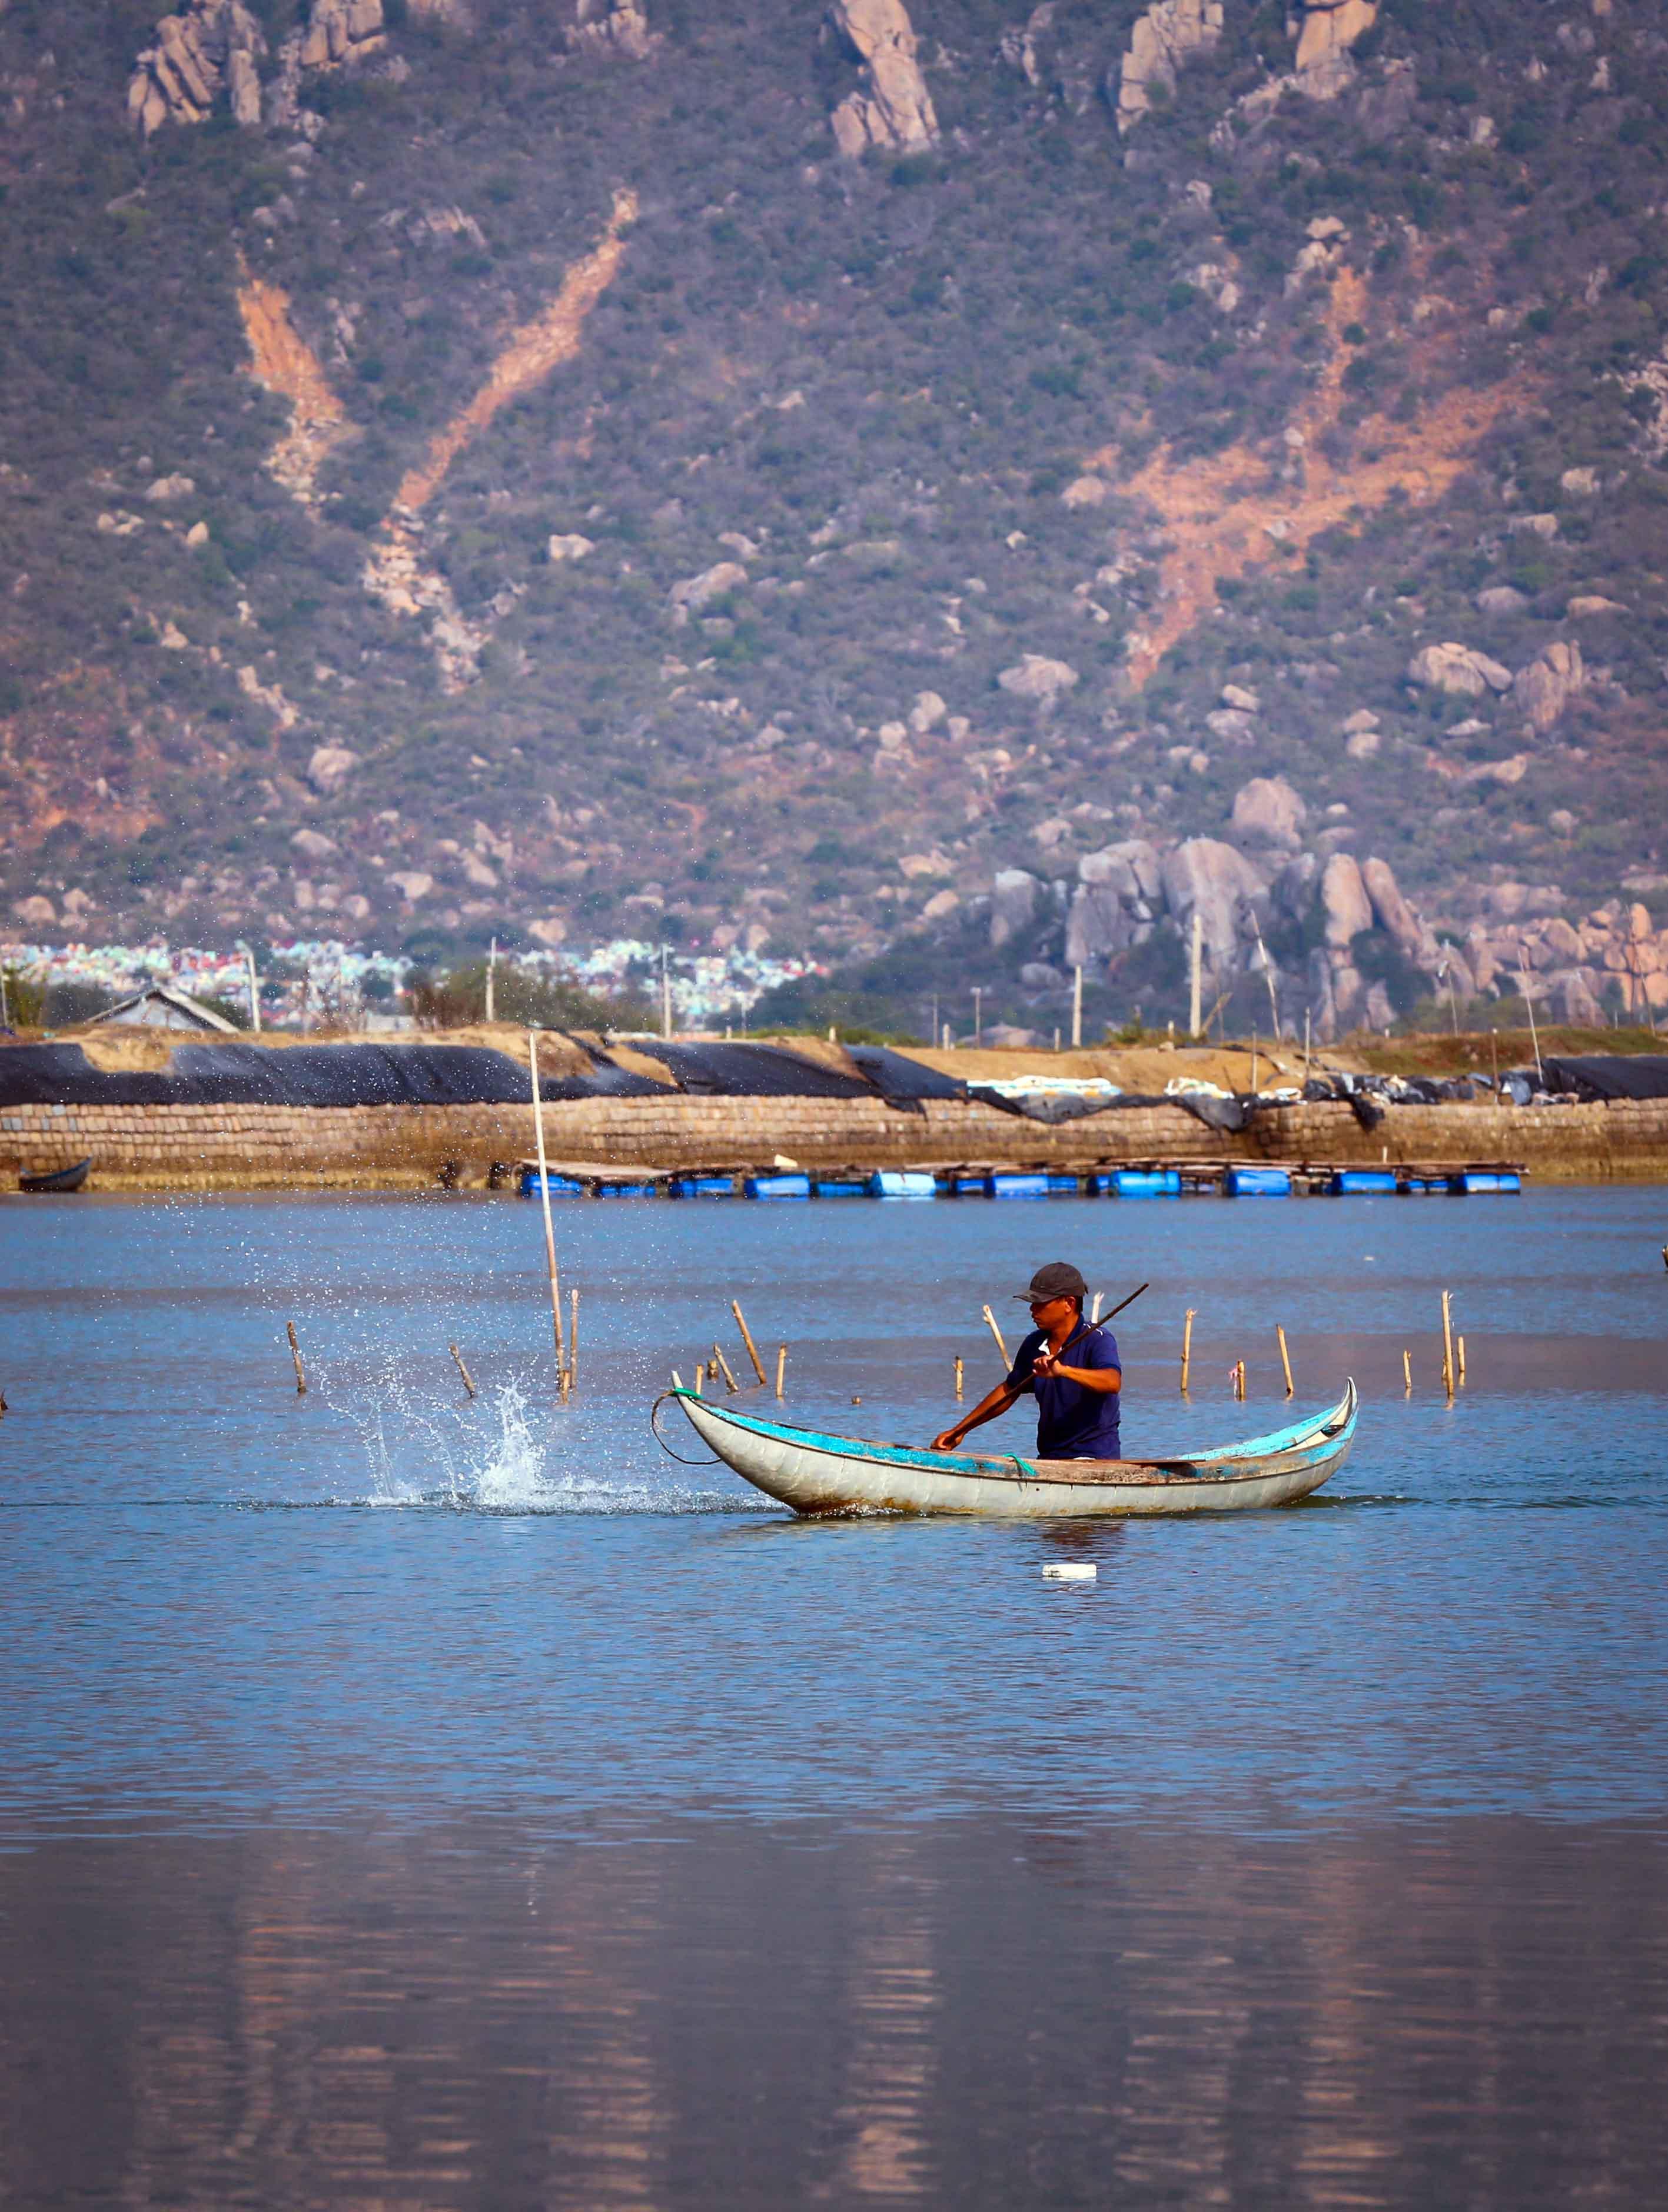 Là một trong 12 đầm phá ven biển lớn nhất Việt Nam, Đầm Nại cũng là nơi mưu sinh của nhiều ngư dân vùng biển với nghề khai thác hải sản tự nhiên từ lòng đầm bằng những chiếc xoỏng, nhẹ nhàng lướt trên mặt đầm câu, thả lưới, đặt lờ bắt cá, cạy hàu....